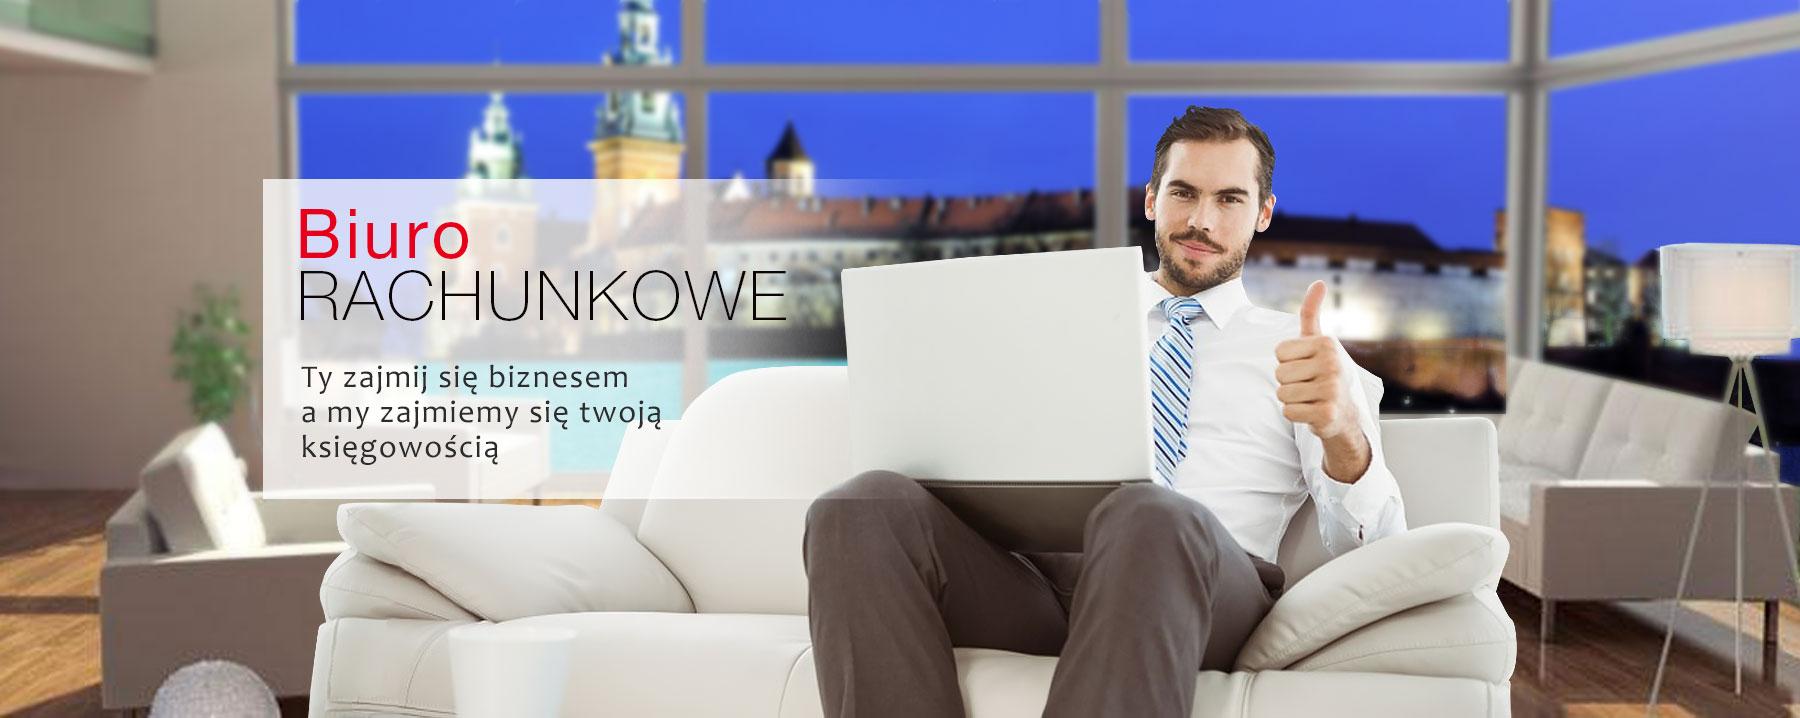 cracow union - biuro